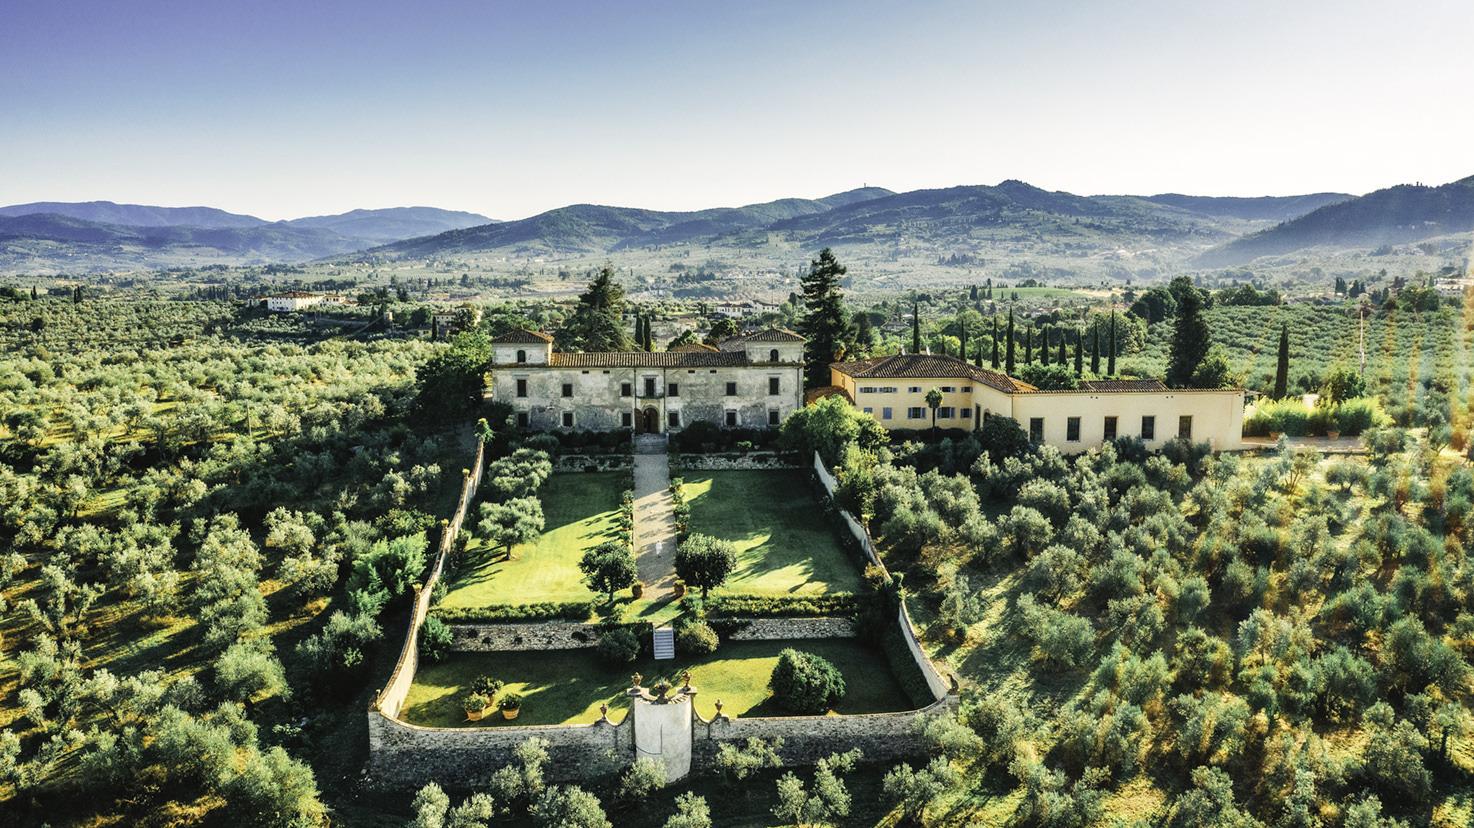 Aerial view of Villa Medicea di Lilliano, Florence